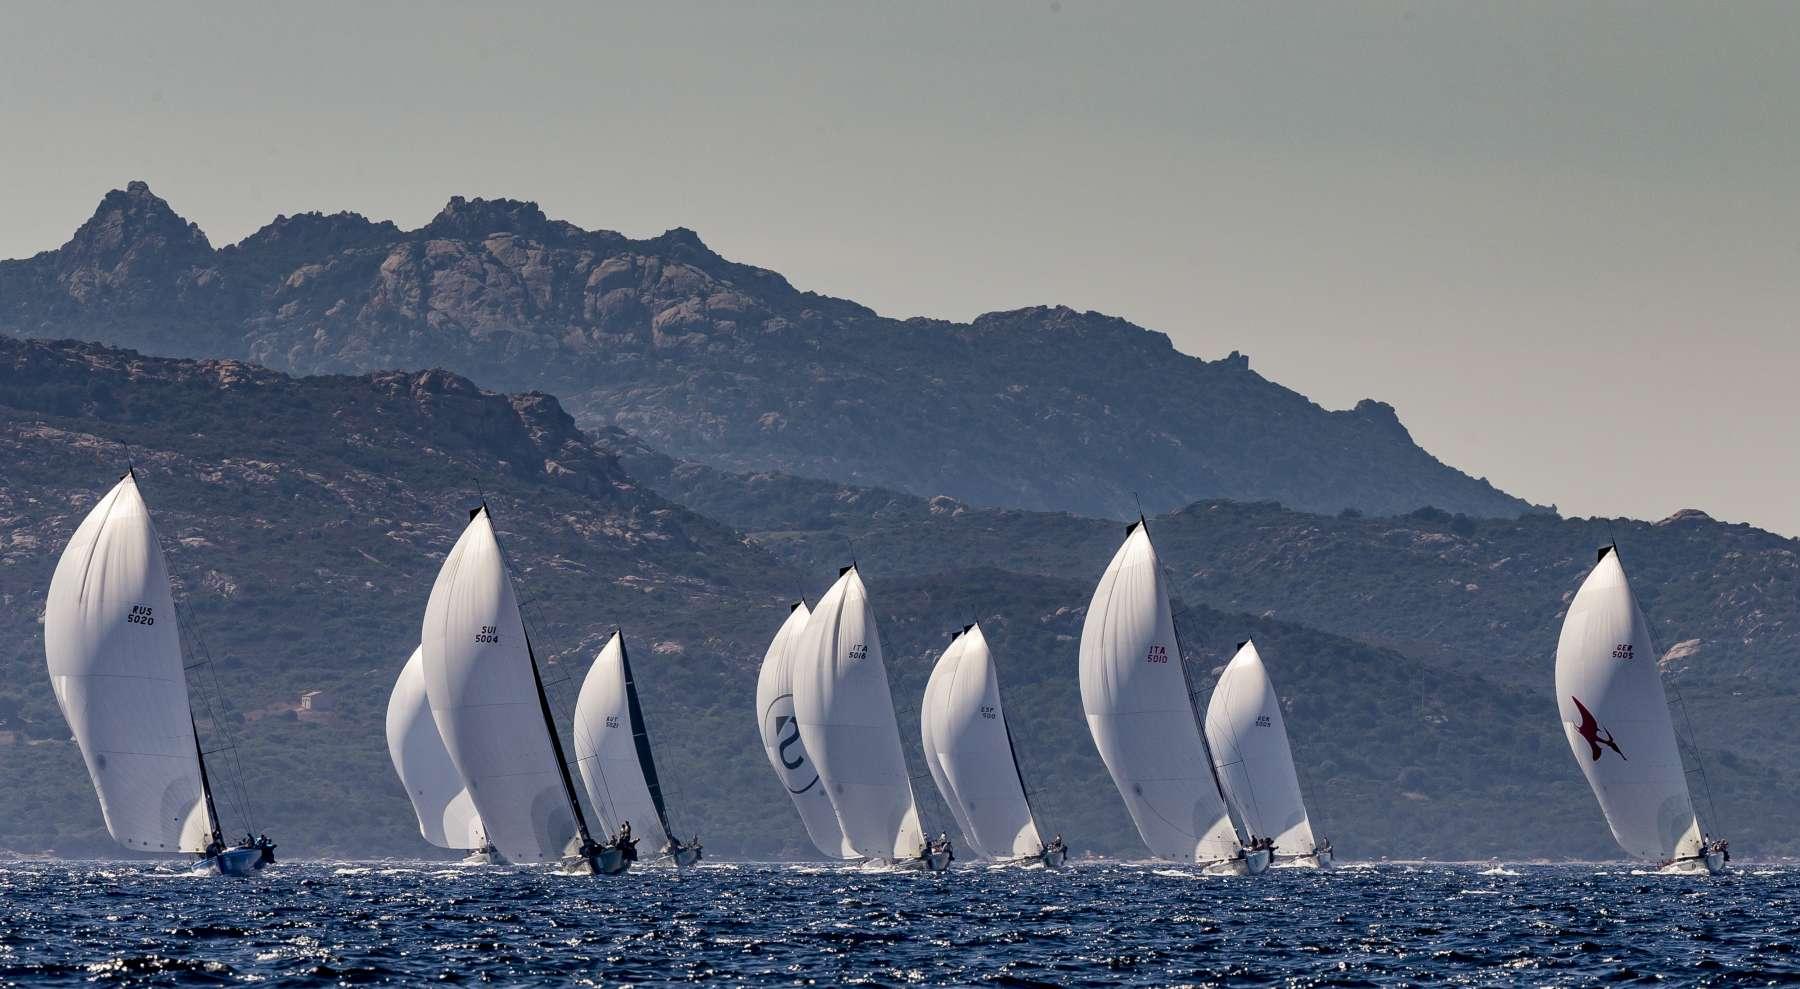 Conclusa con successo la 20^ edizione della Rolex Swan Cup - NEWS - Yacht Club Costa Smeralda